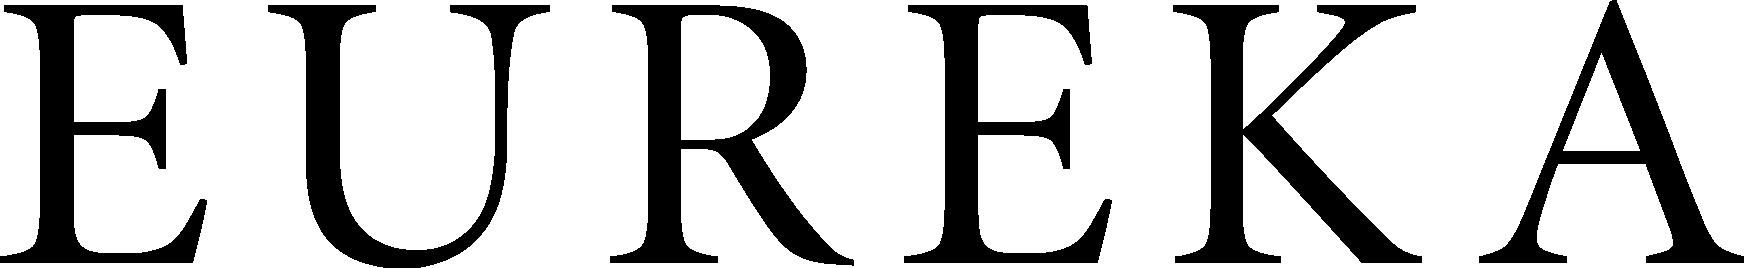 """井の頭線・富士見ヶ丘の美容室 ヘアサロン""""EUREKA (エウレカ)"""""""